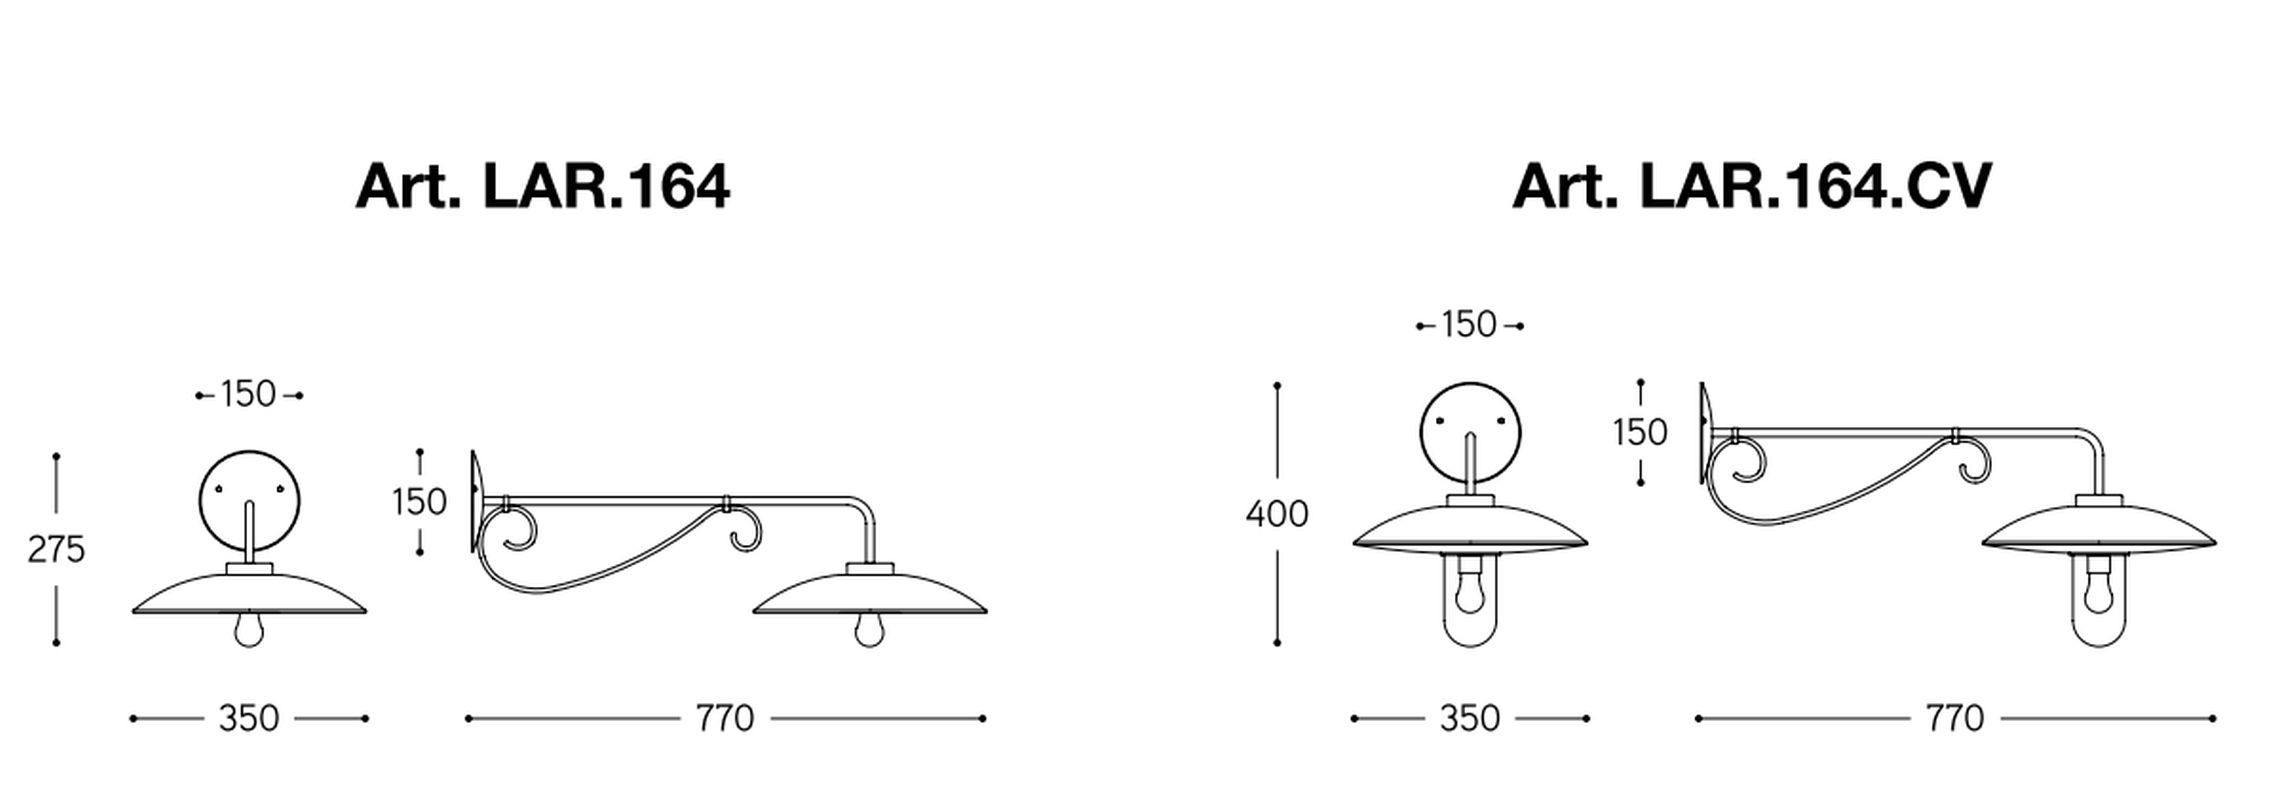 mediterrane wandleuchte re lear 164 aus kupfer und messing. Black Bedroom Furniture Sets. Home Design Ideas